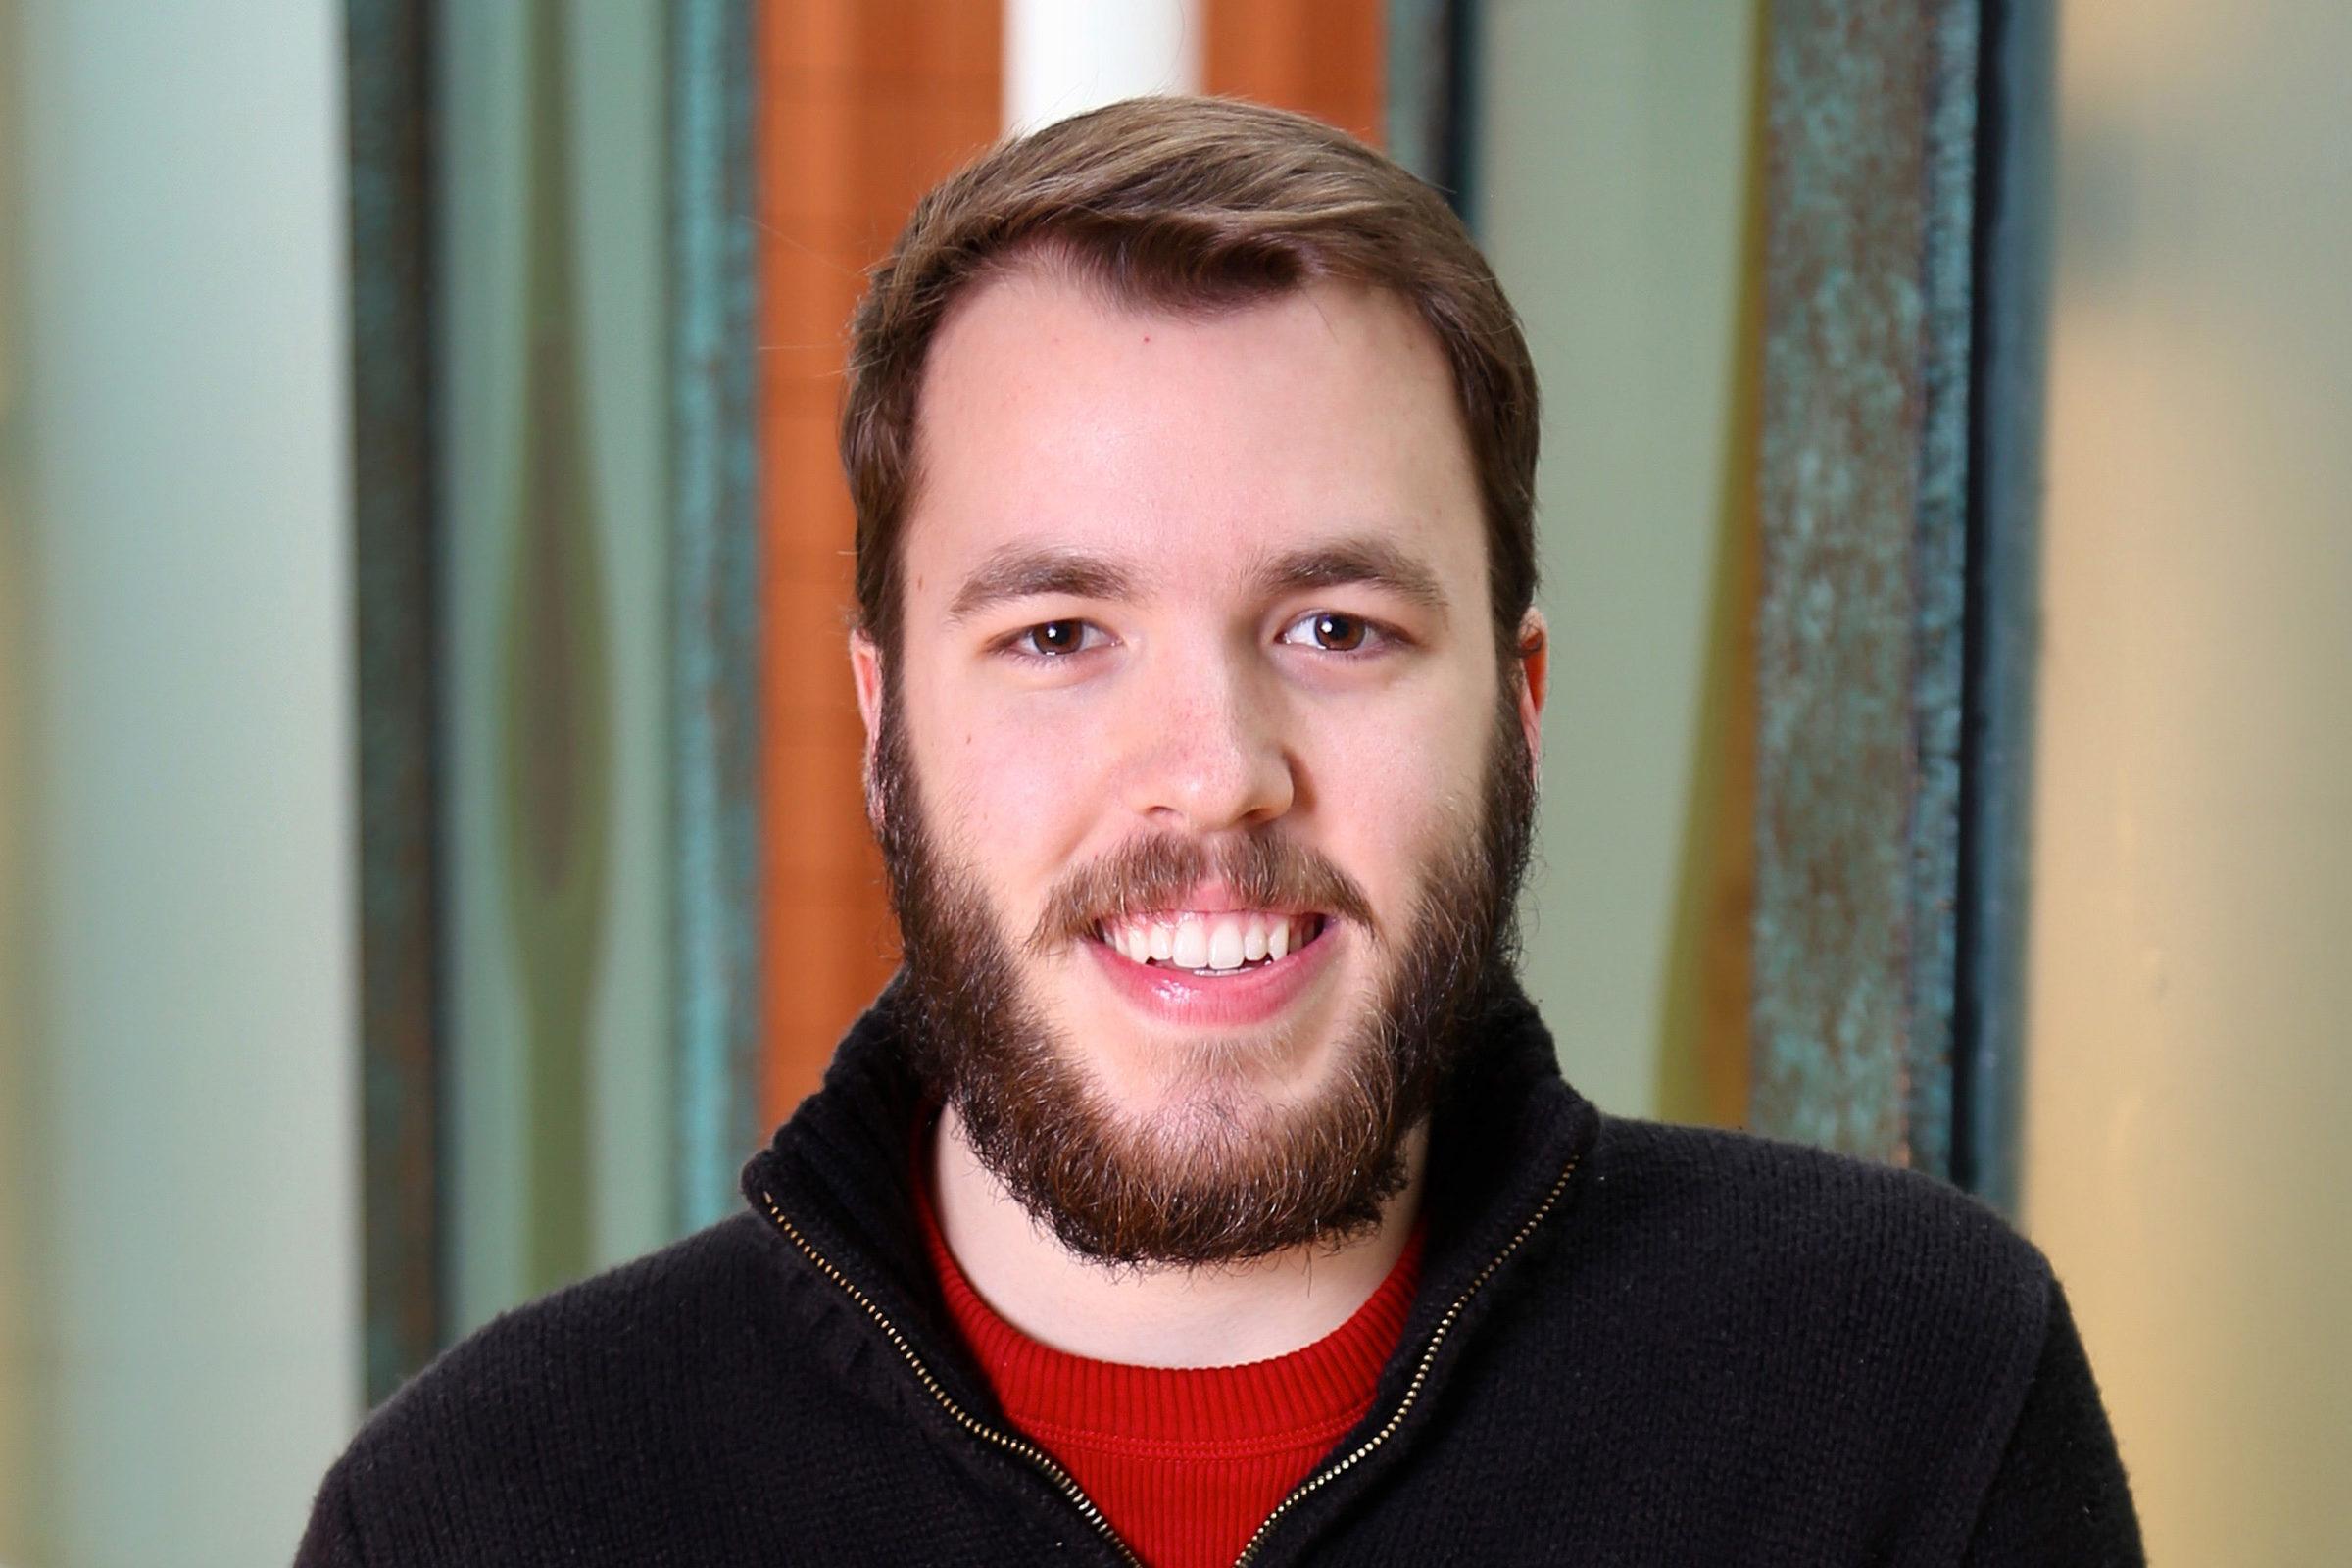 Ryan Schrader